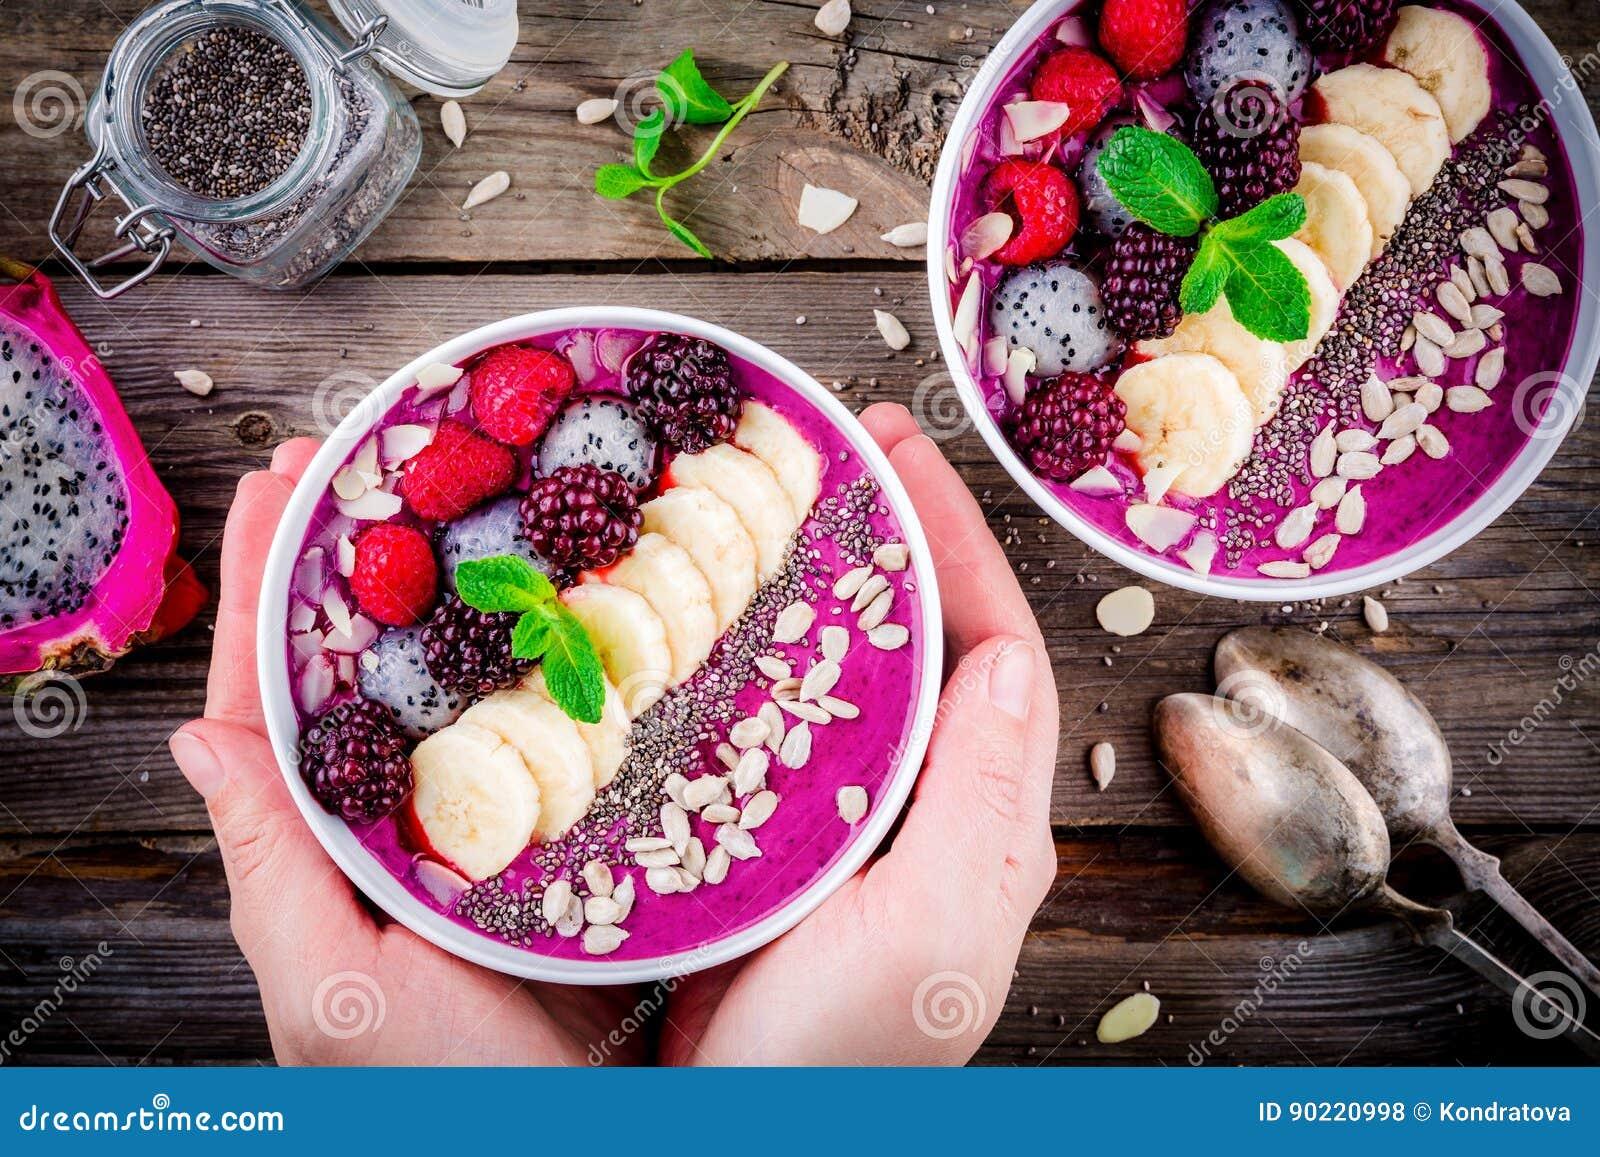 Cuenco del smoothie del arándano con el plátano, la frambuesa, el pitaya, la zarzamora, las almendras, el girasol y las semillas